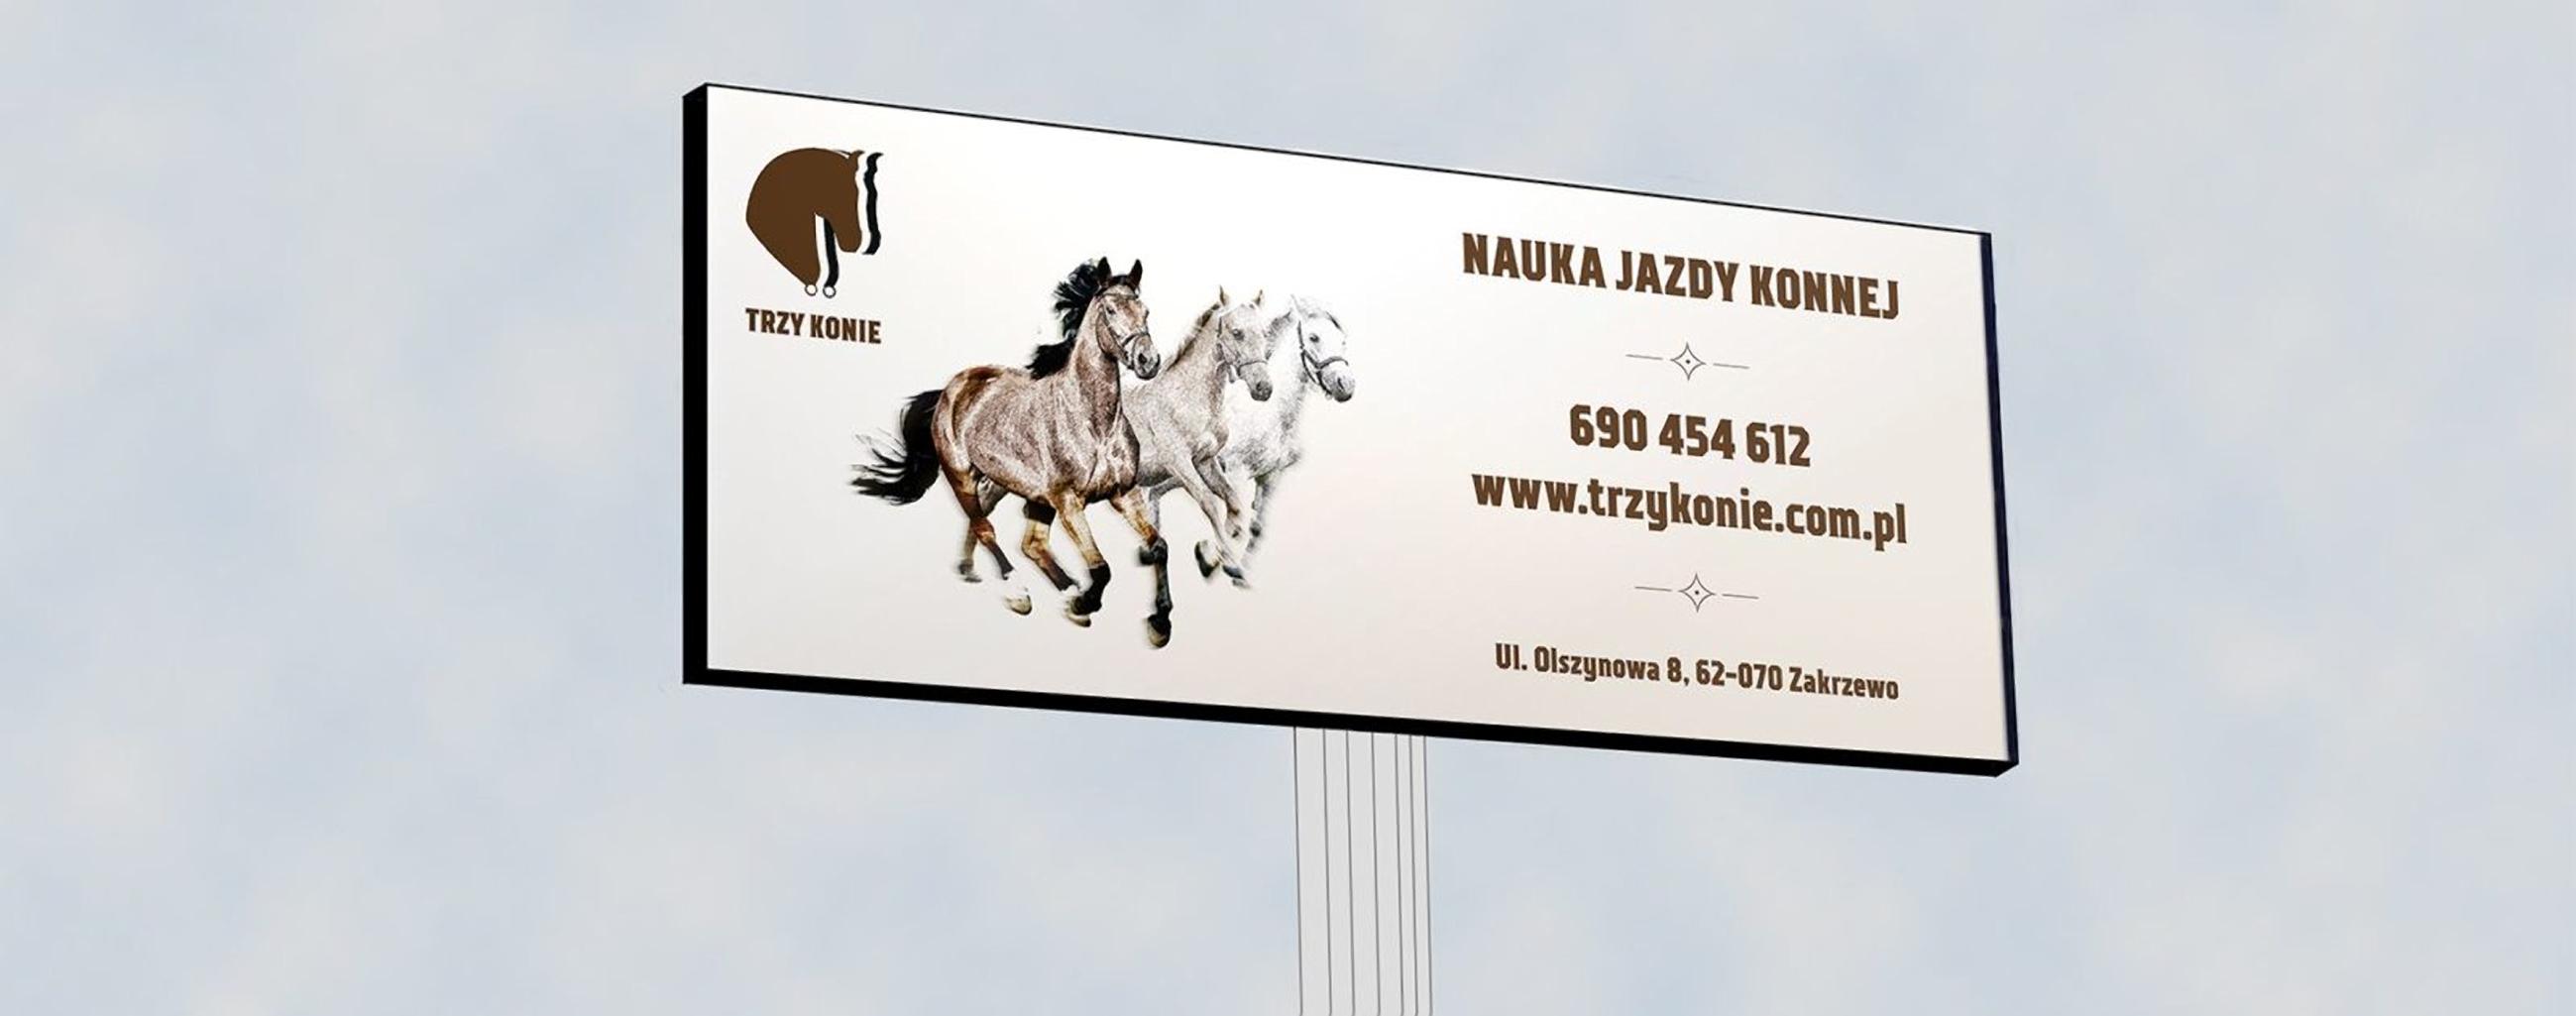 projekt billboardu dla 3 konie | branding | identyfikacja wizualna